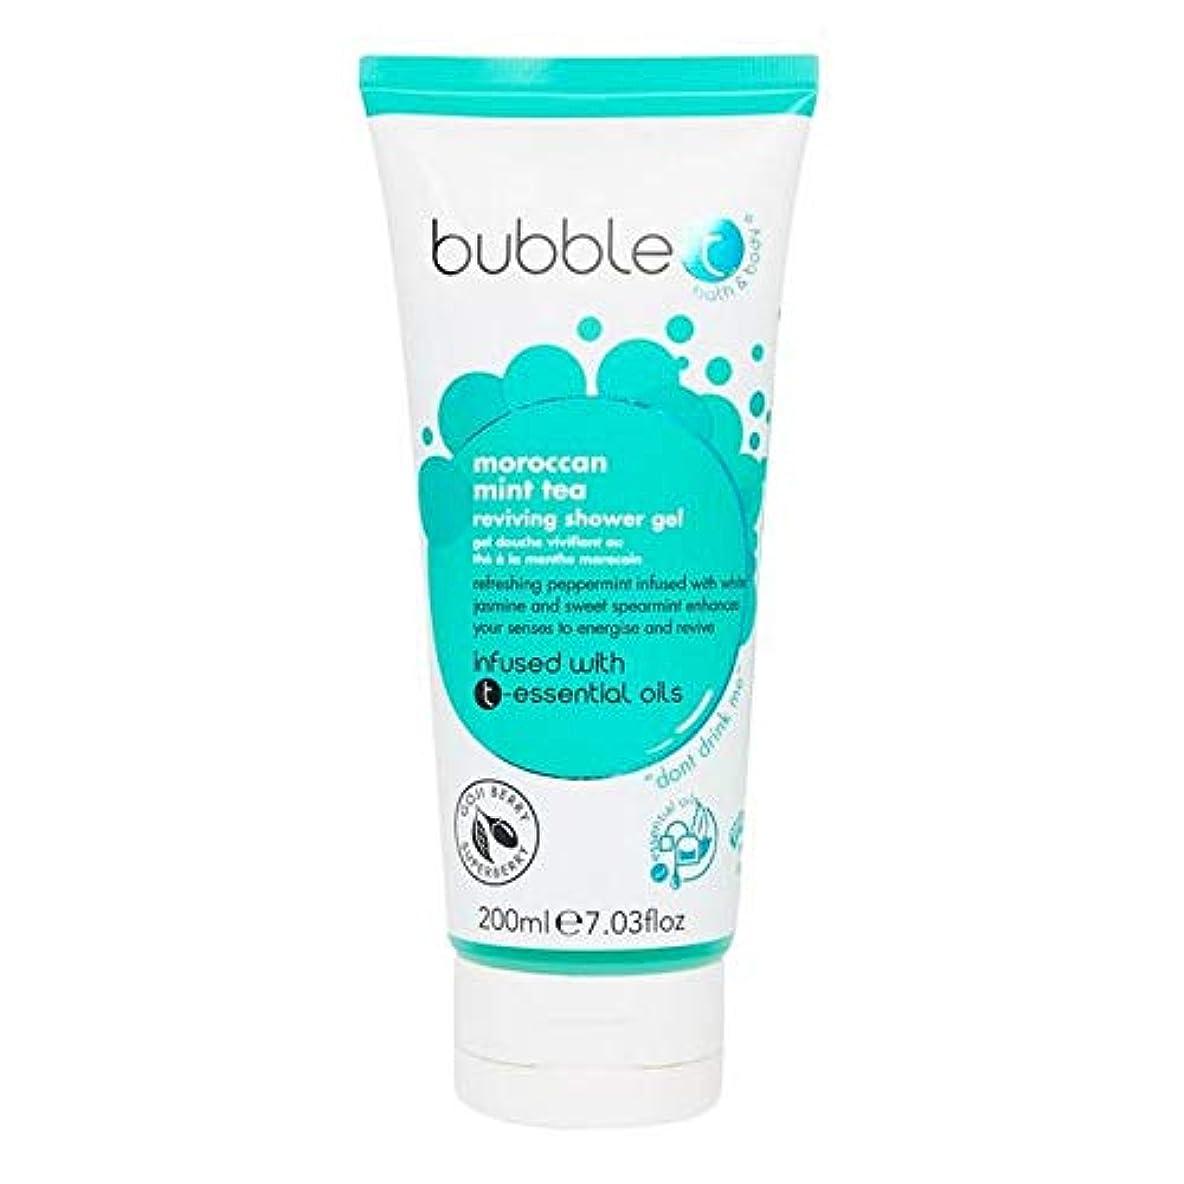 慢性的パース架空の[Bubble T ] バブルトン化粧品シャワージェル、モロッコのミントティーを200ミリリットル - Bubble T Cosmetics Shower Gel, Moroccan Mint Tea 200ml [並行輸入品]